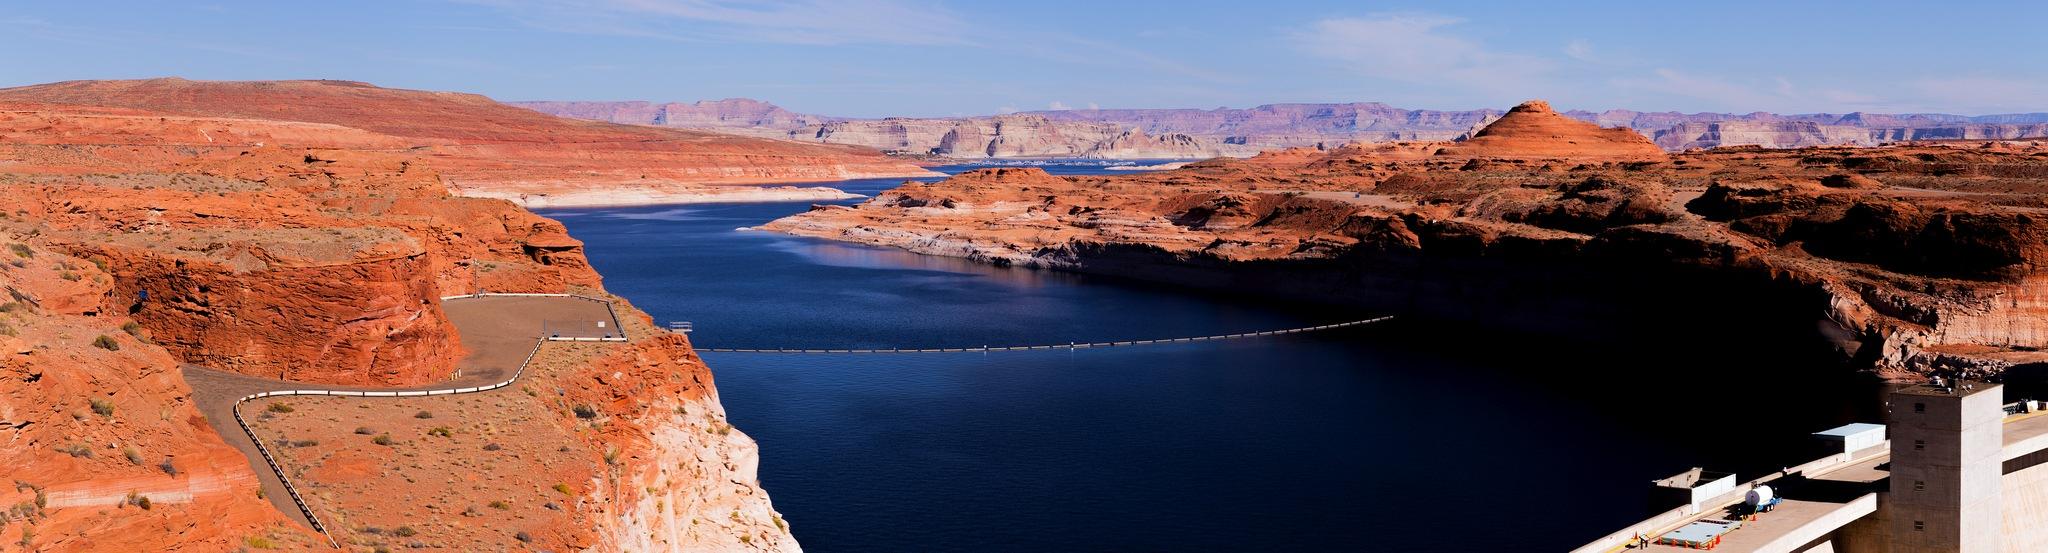 Glen Canyon Dam by gkkosmetik